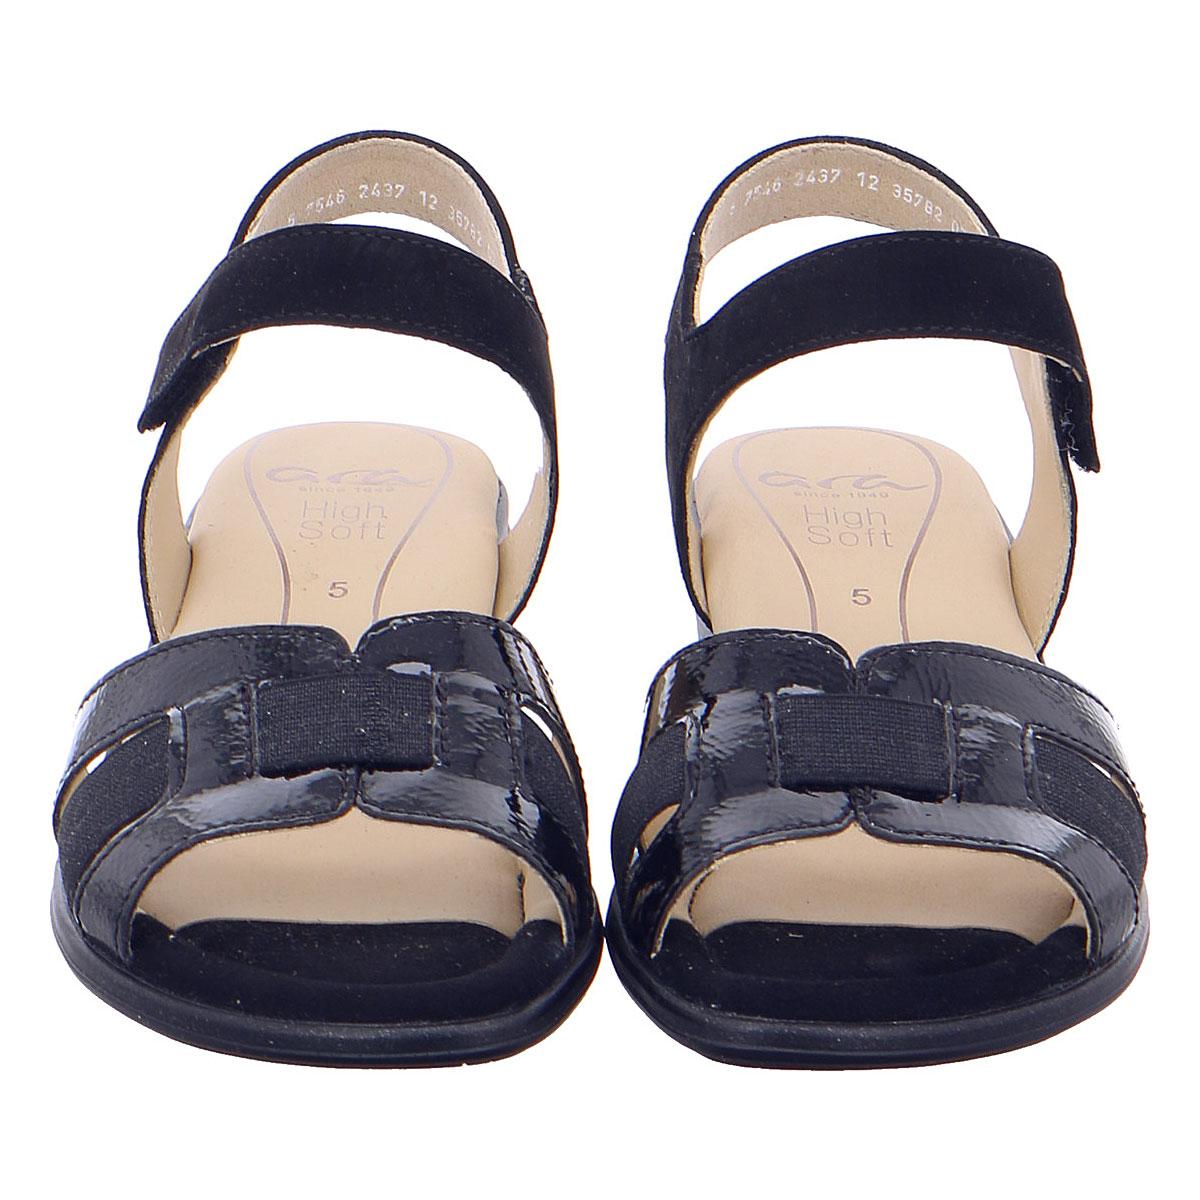 Дамски сандали от ест. кожа за широк крак ara 12-35782-02 тъмно сини - снимка 5